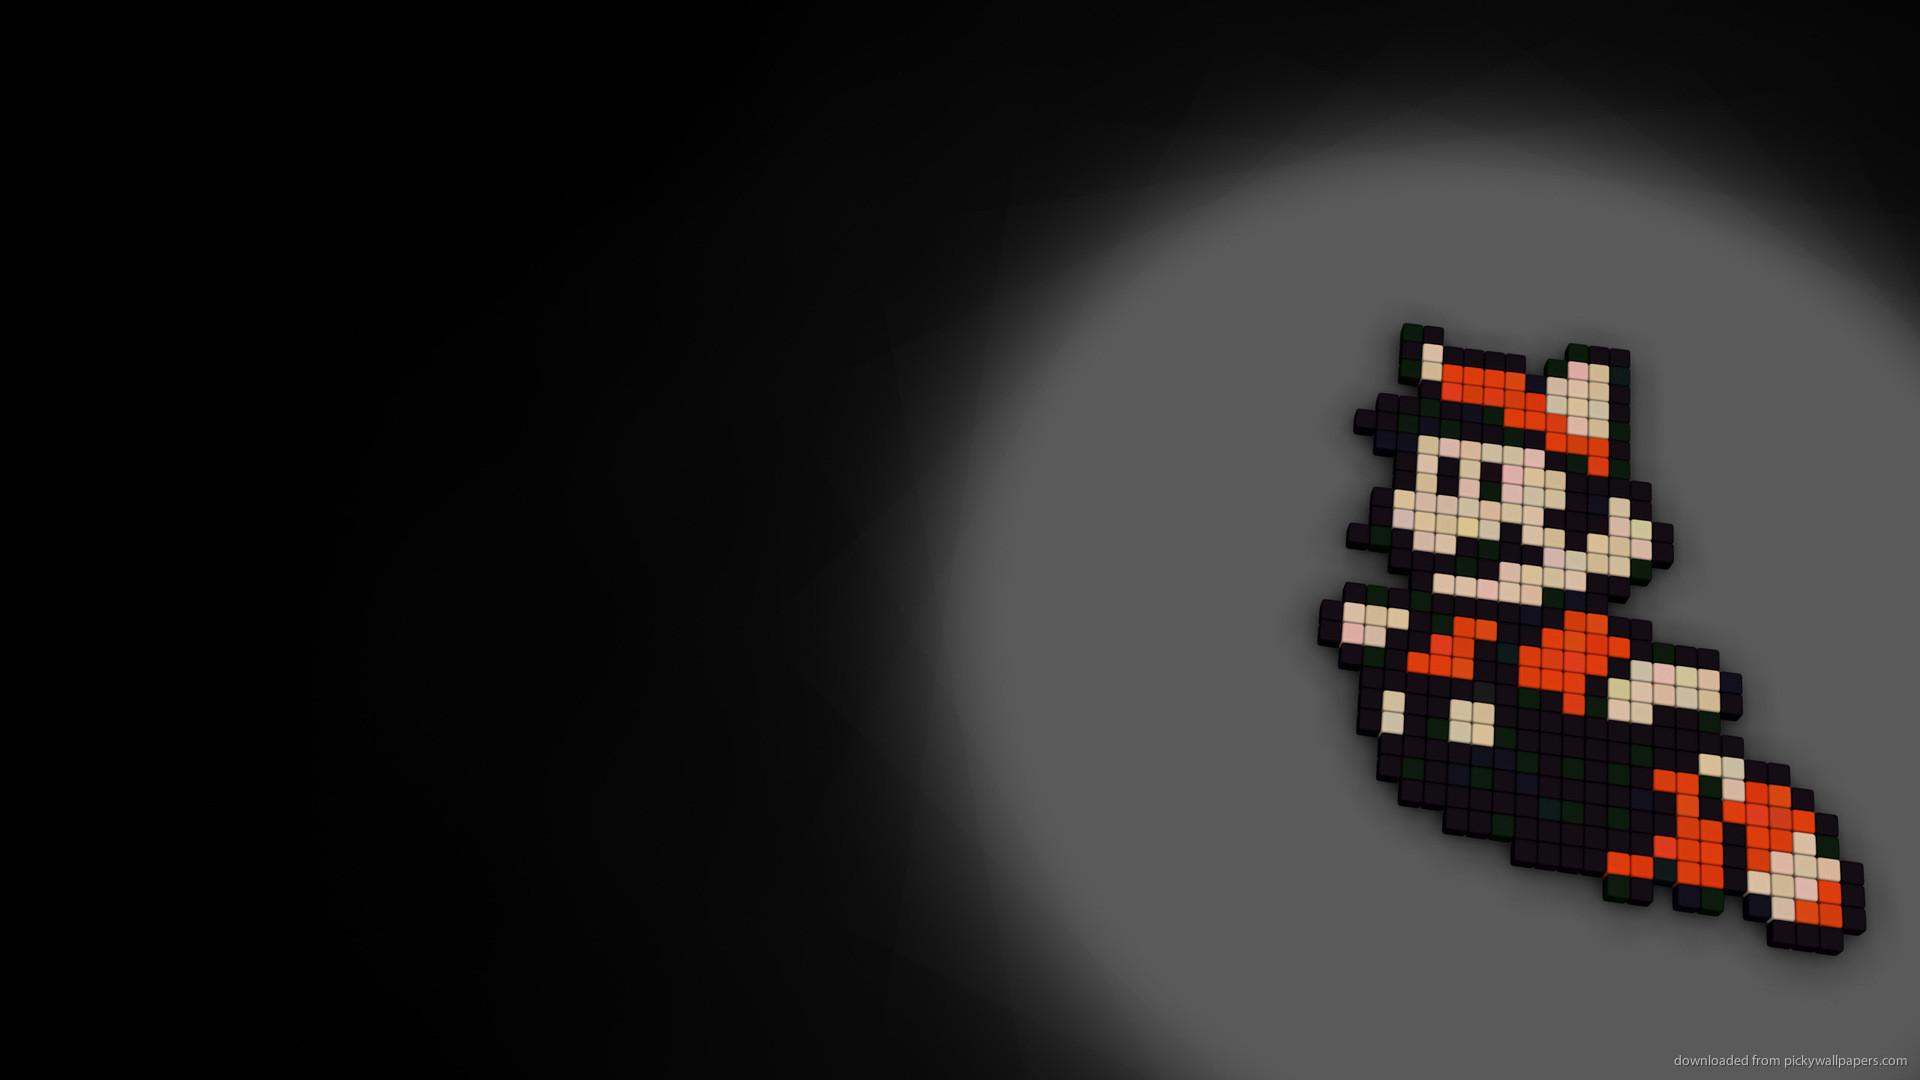 8-bit Mario for 1920×1080